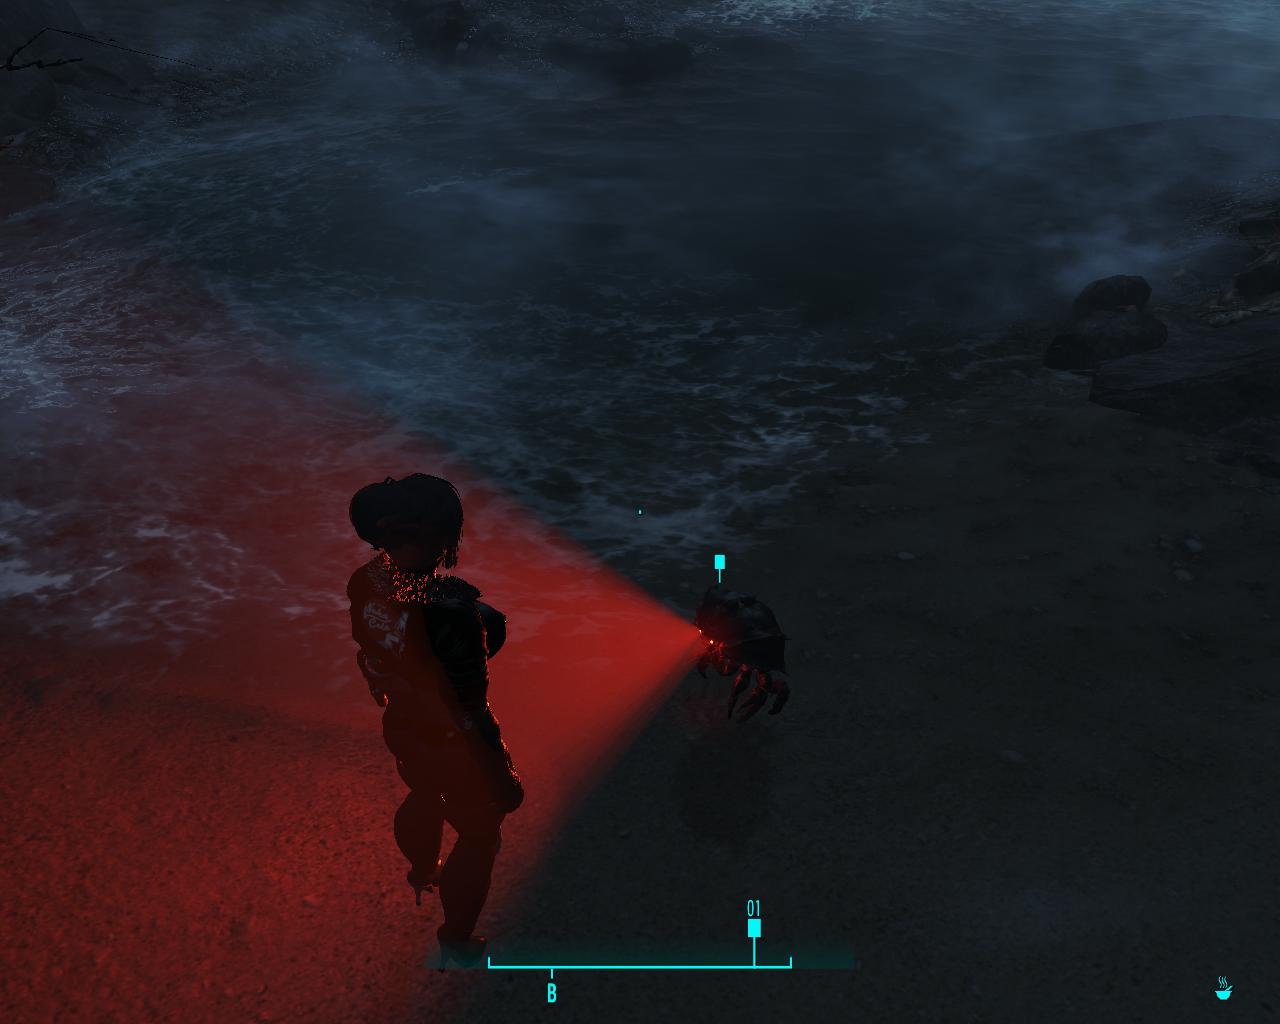 Мэга монстр - Fallout 4 Мне уже страшно!!!